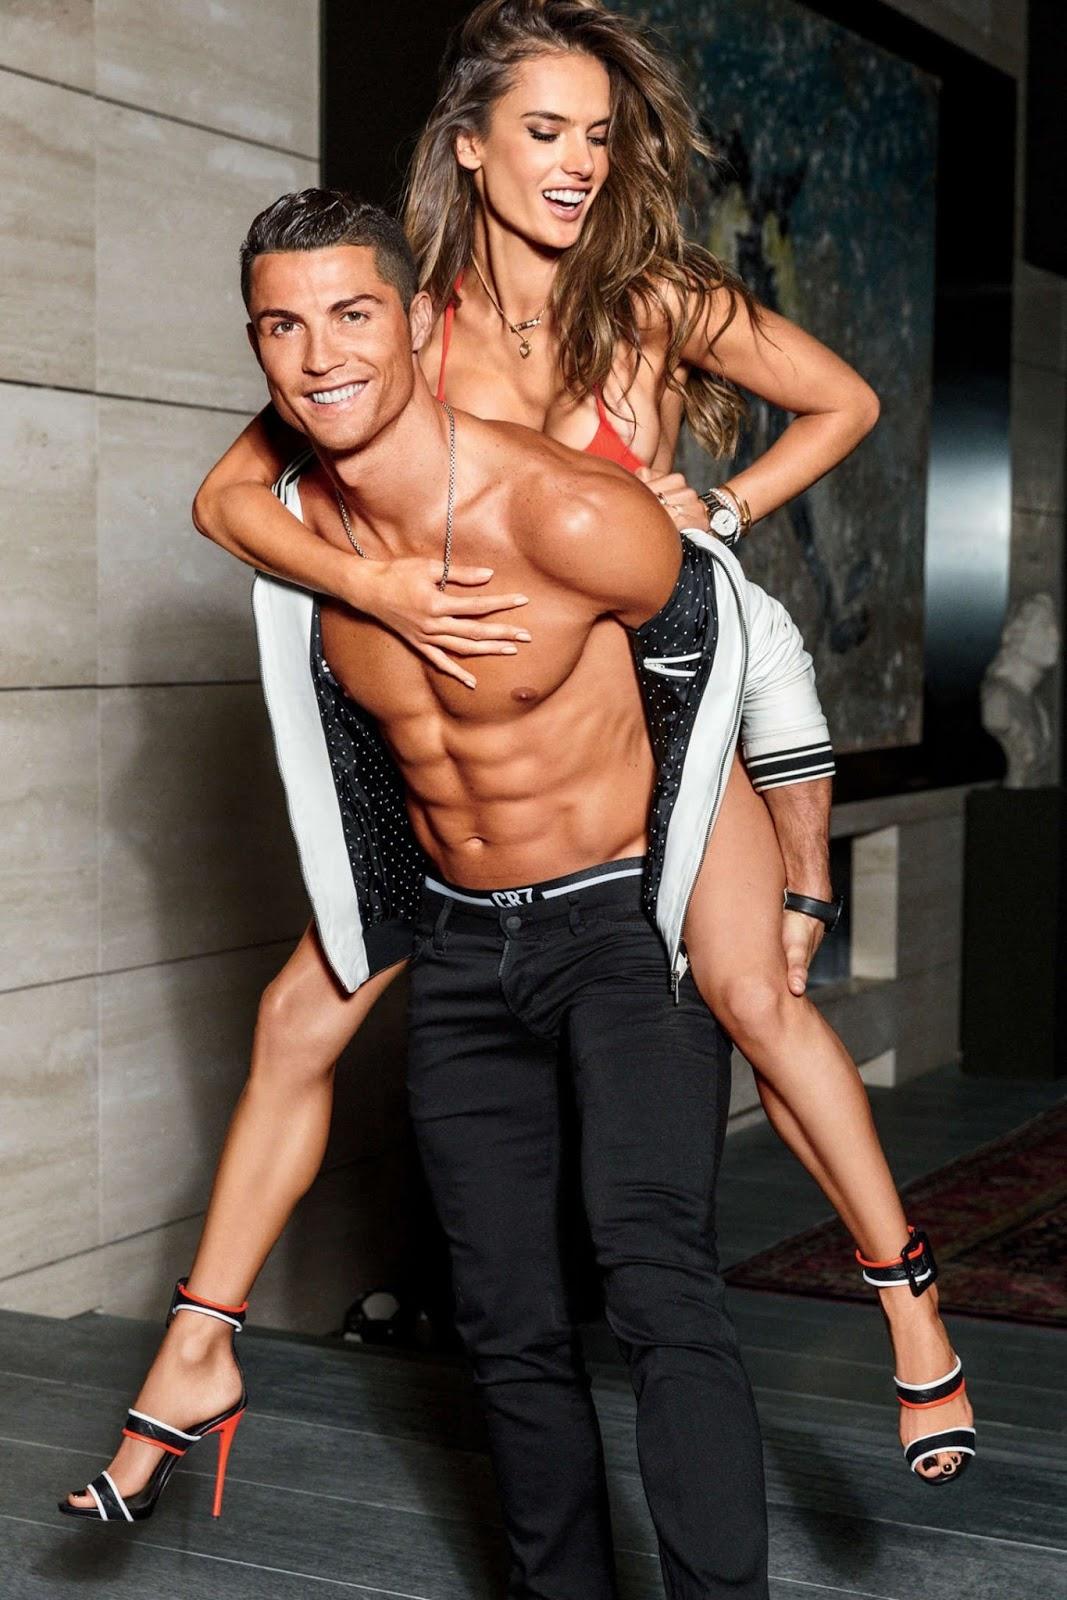 Alessandra Ambrosio and Cristiano Ronaldo in GQ US – The Body Issue – February 2016